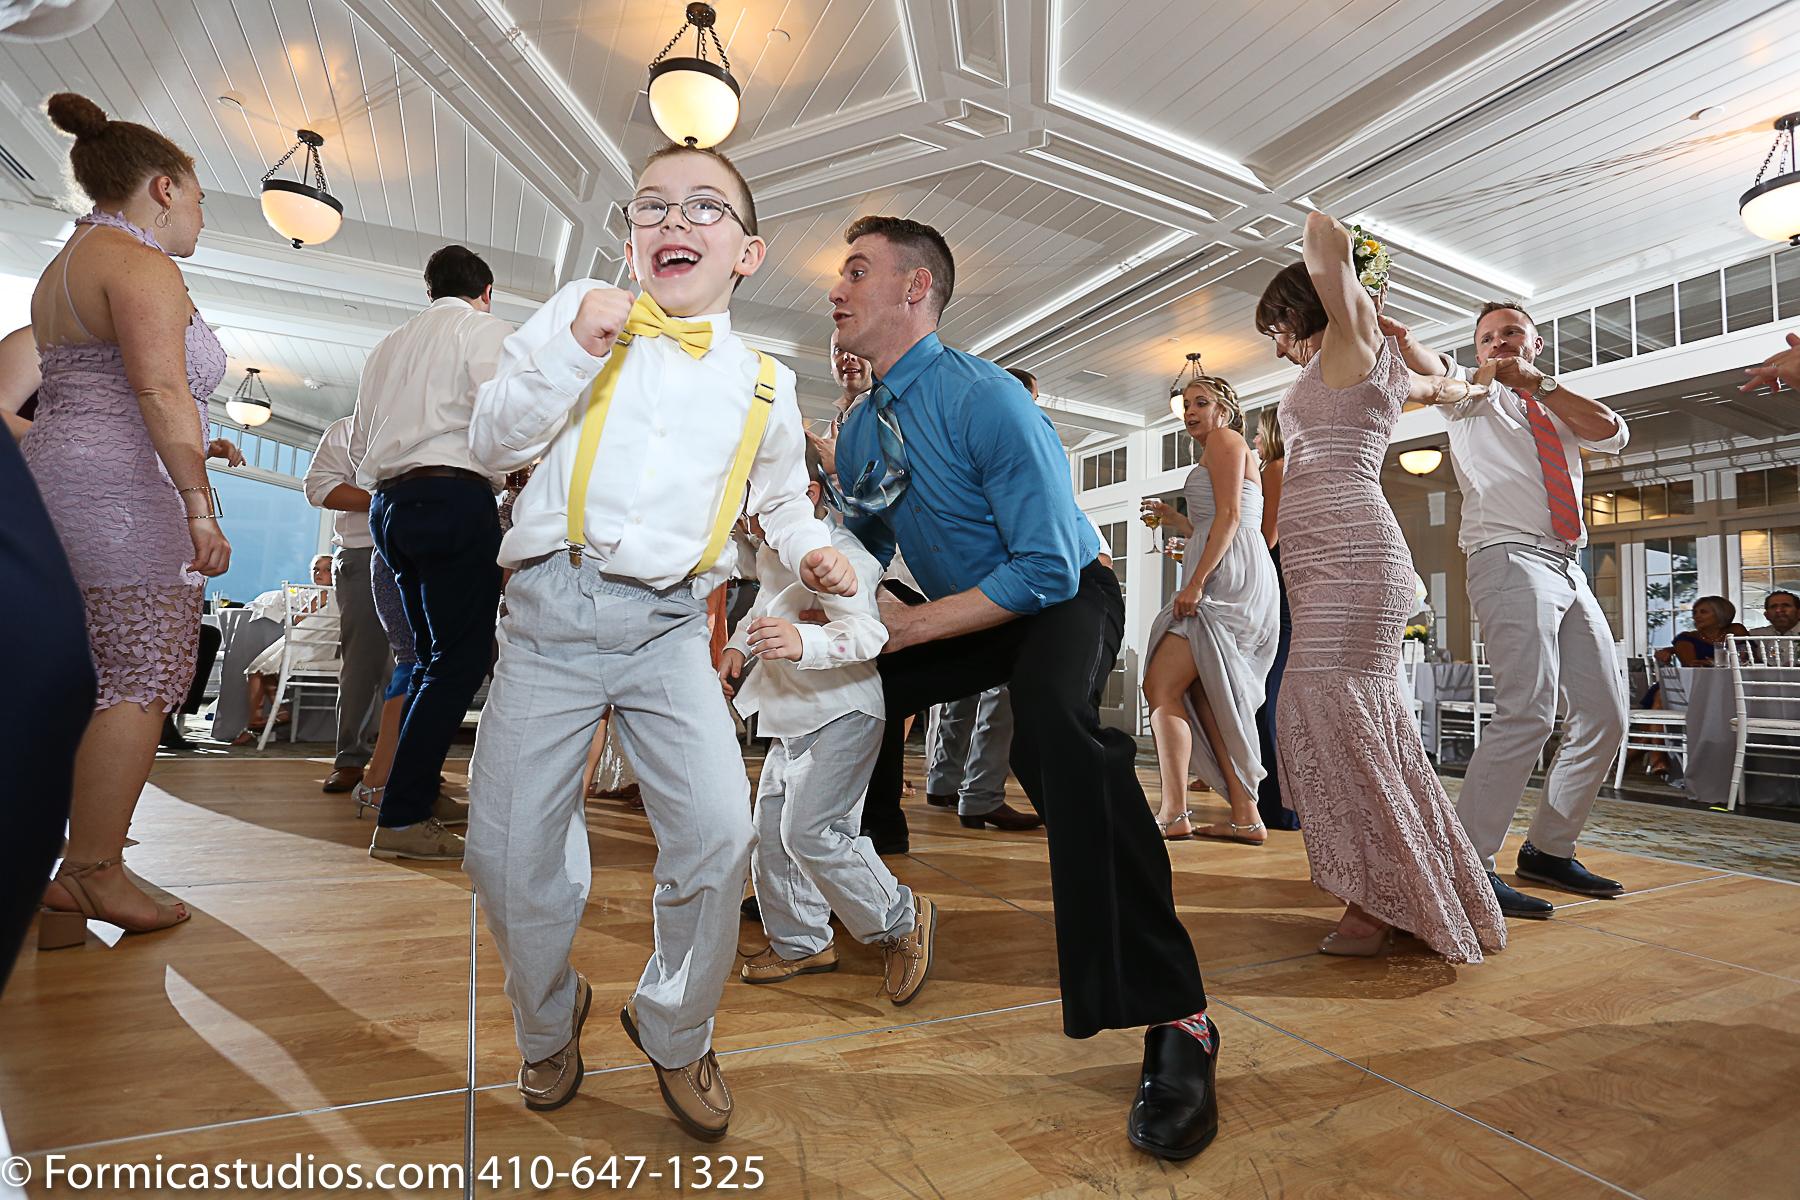 boy in suspenders dancing